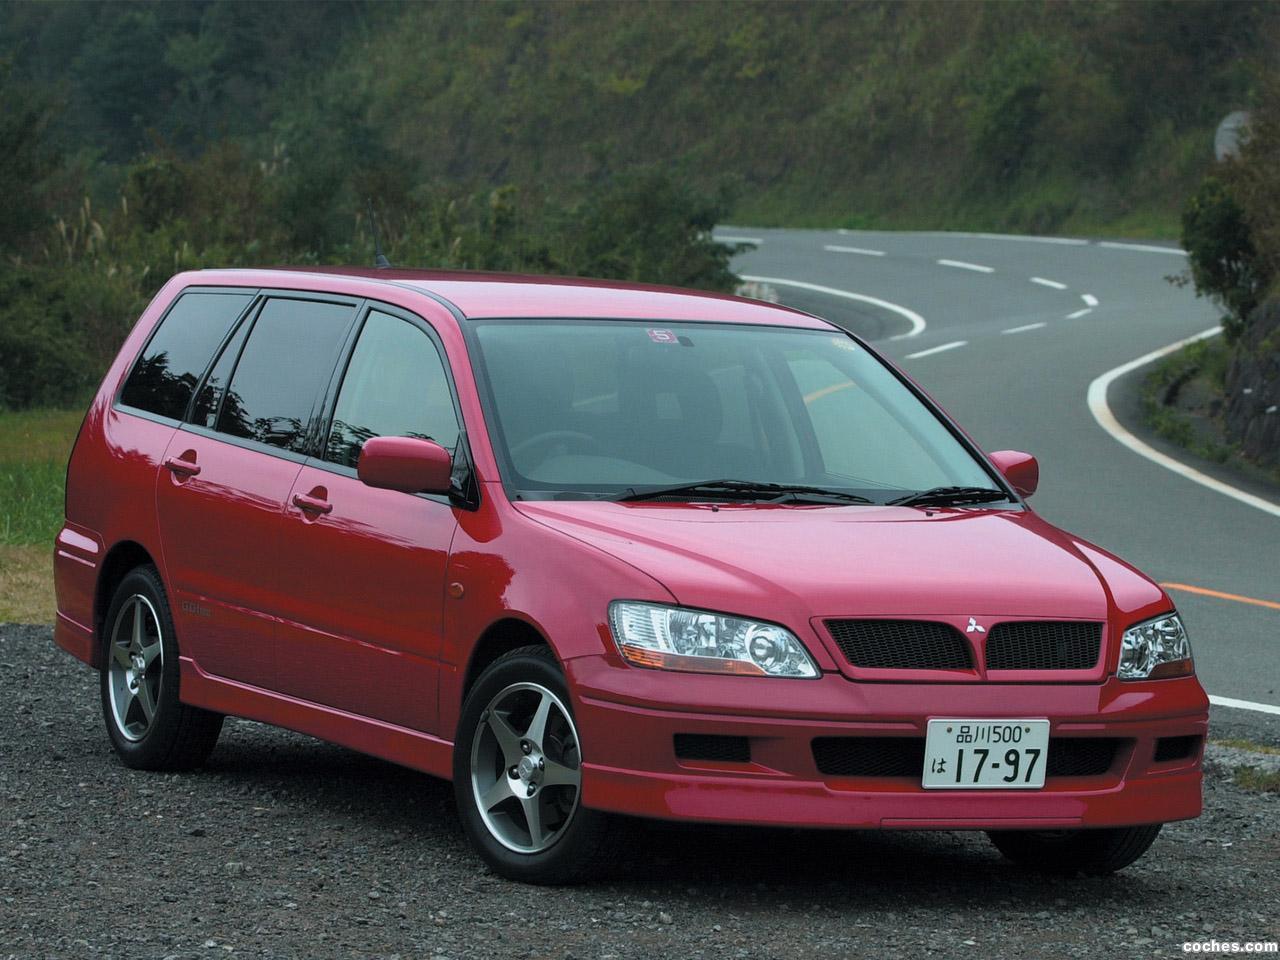 Foto 0 de Mitsubishi Lancer Cedia Wagon 2000